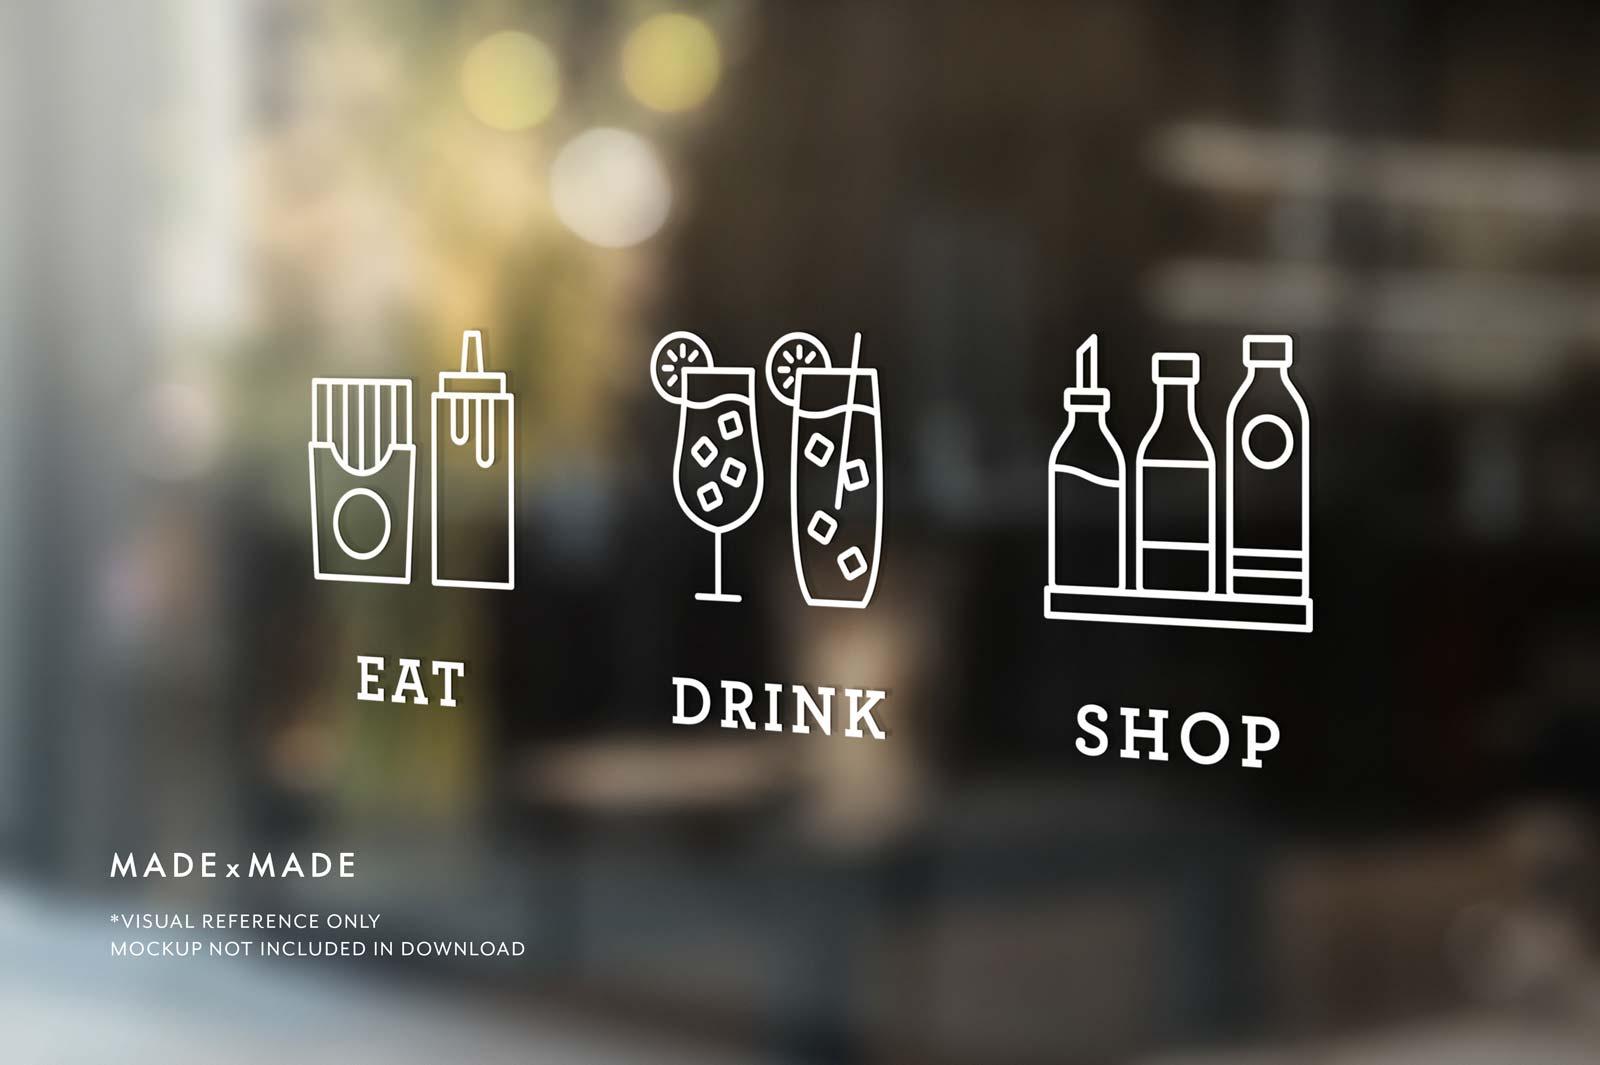 made x made restaurant